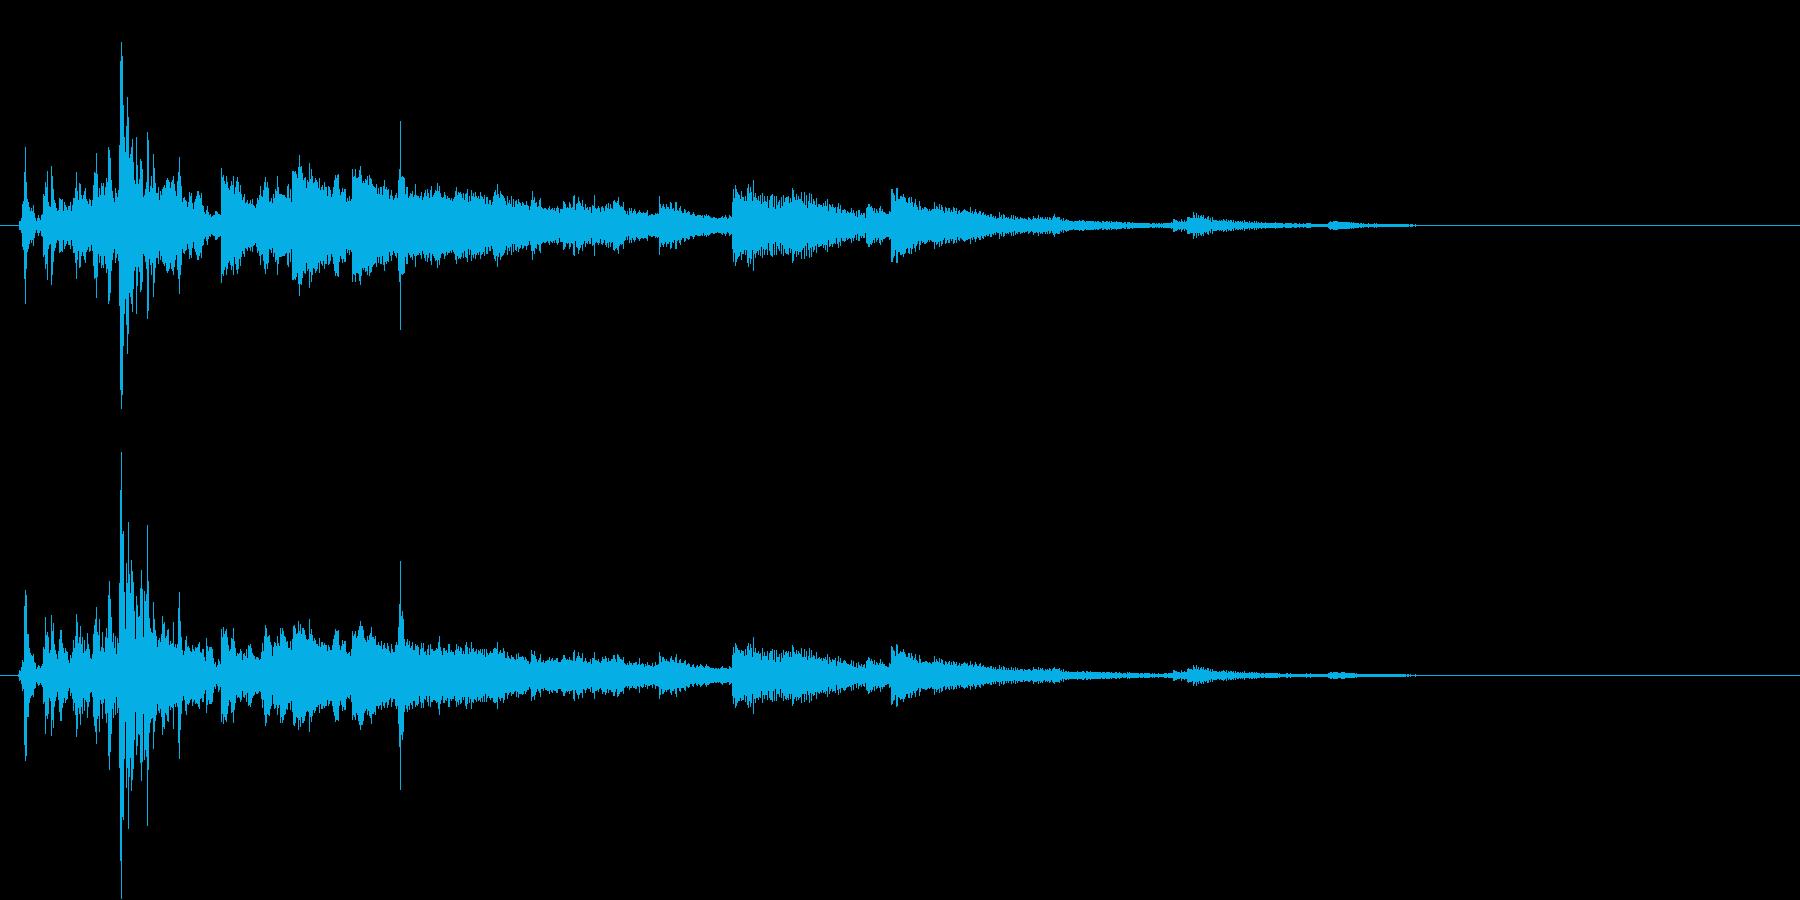 カフェなどに最適なドアベル付きオープン音の再生済みの波形